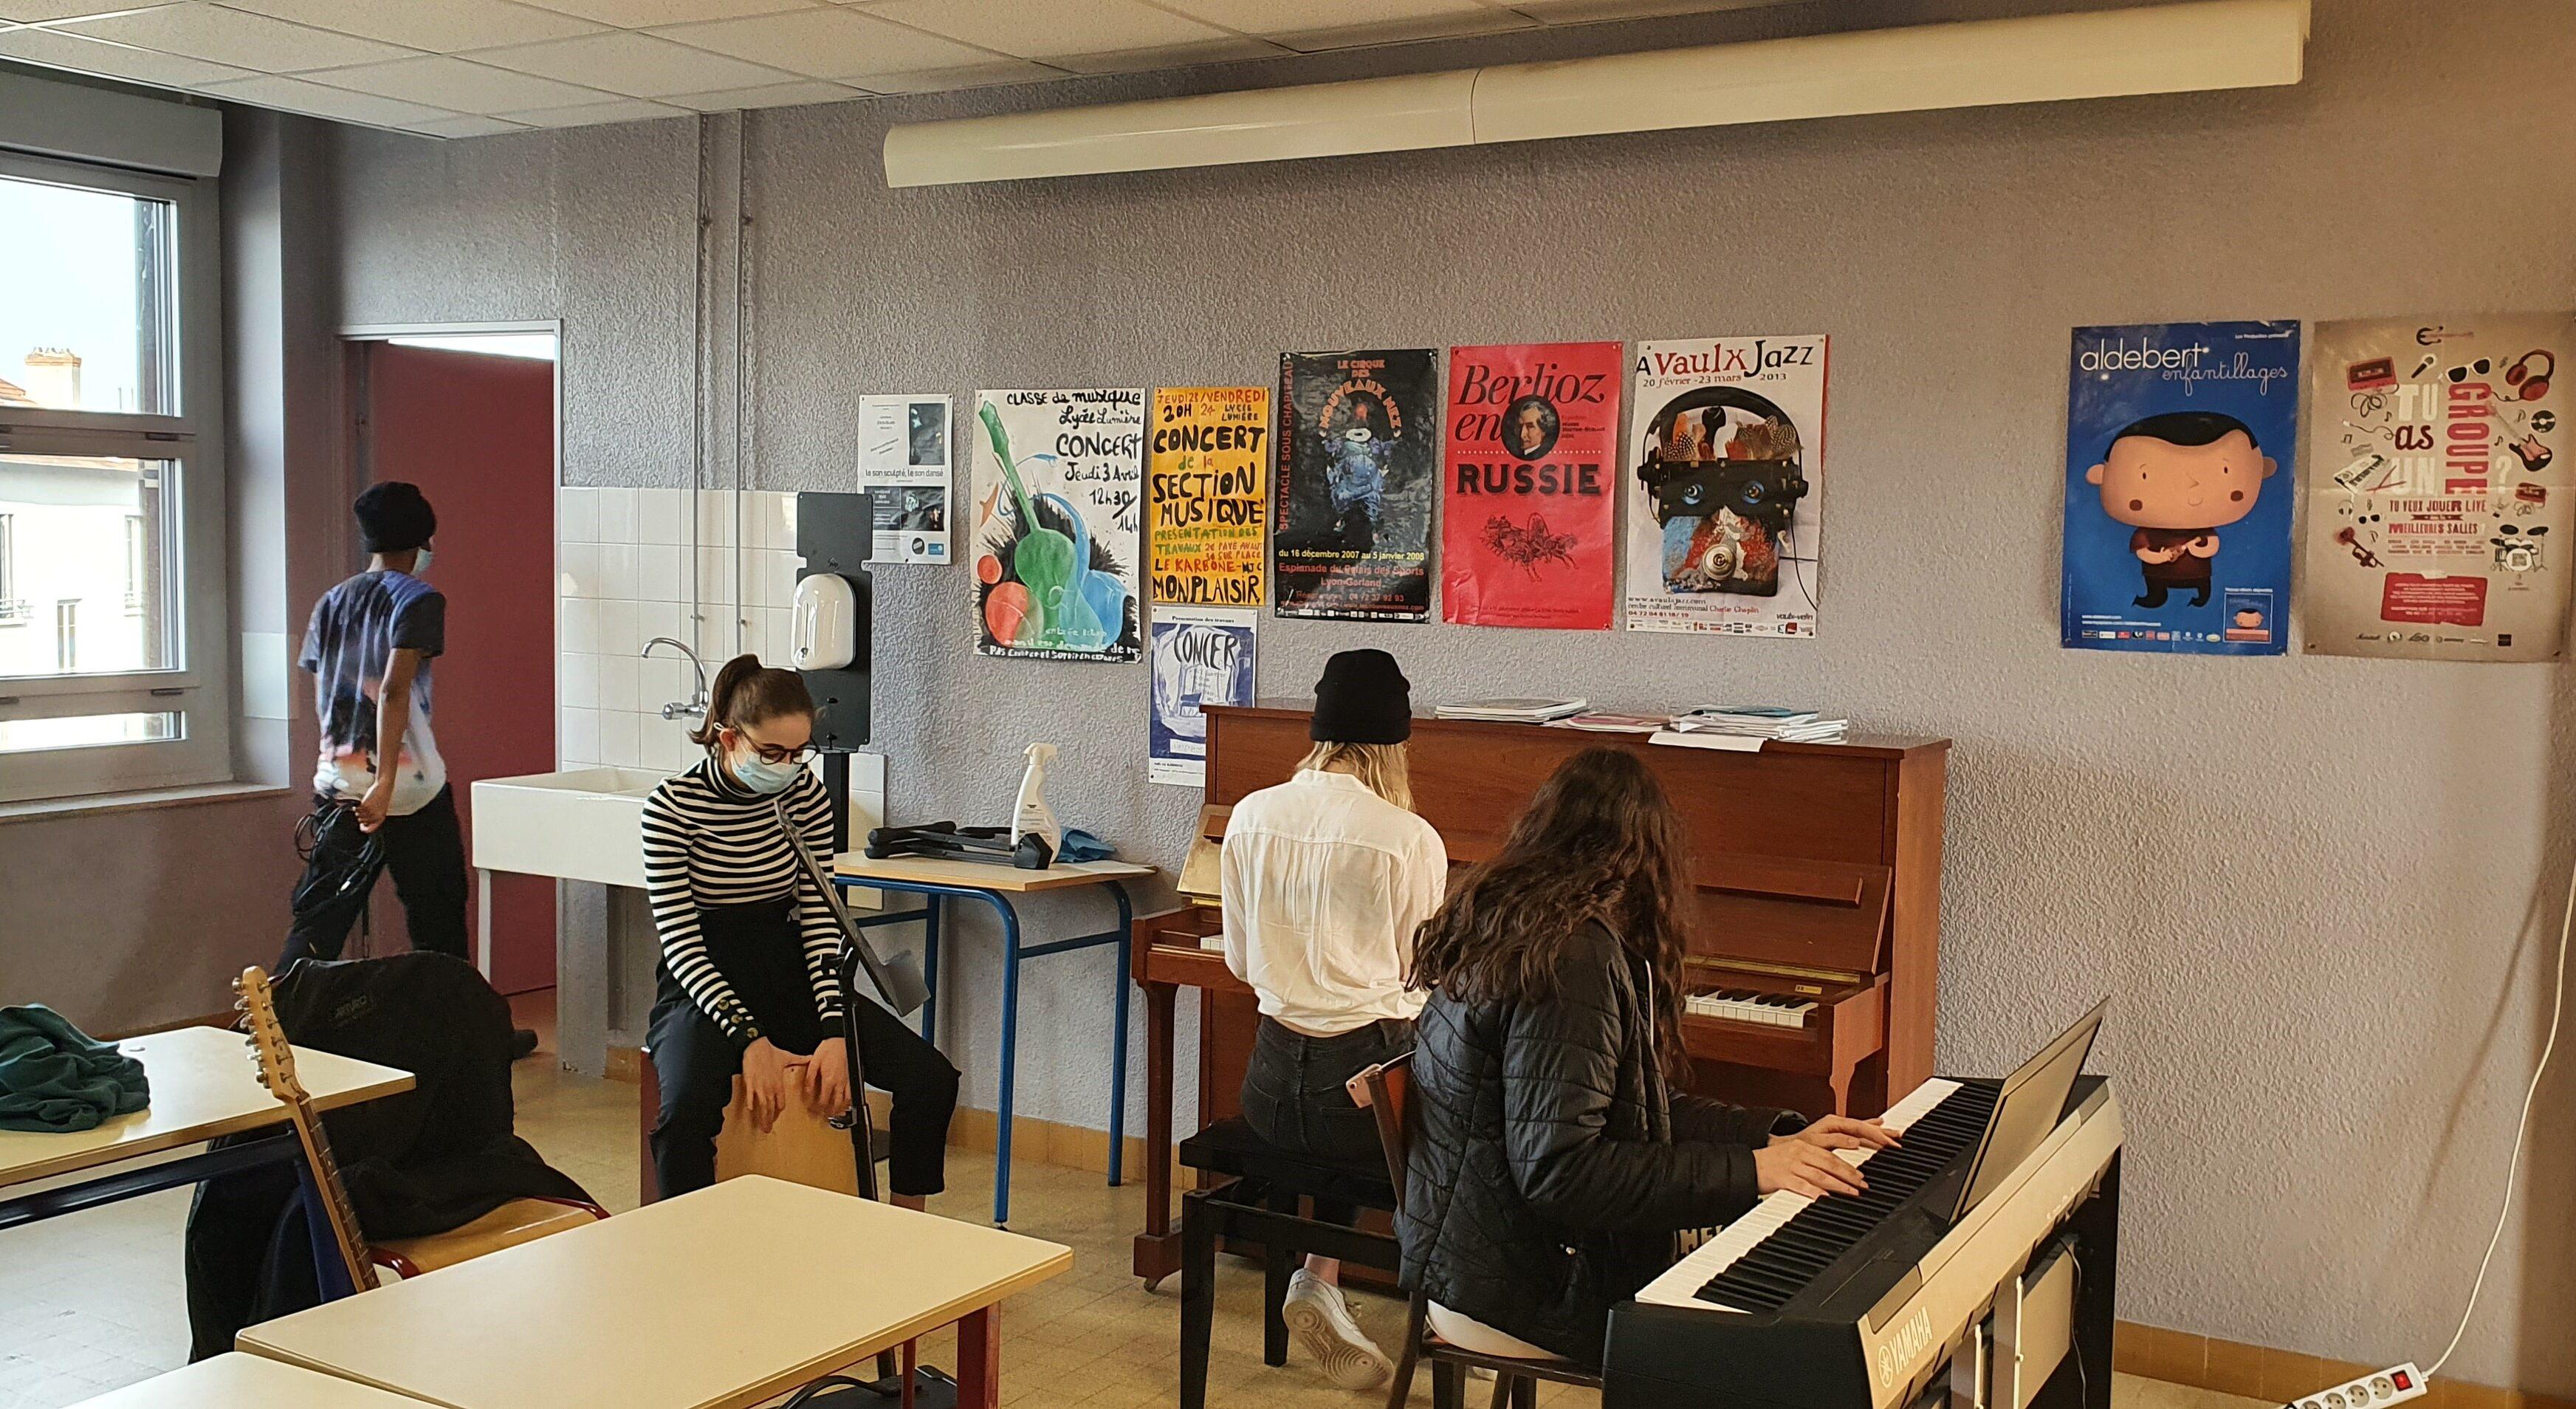 Répétition en salle de musique au lycée Lumière